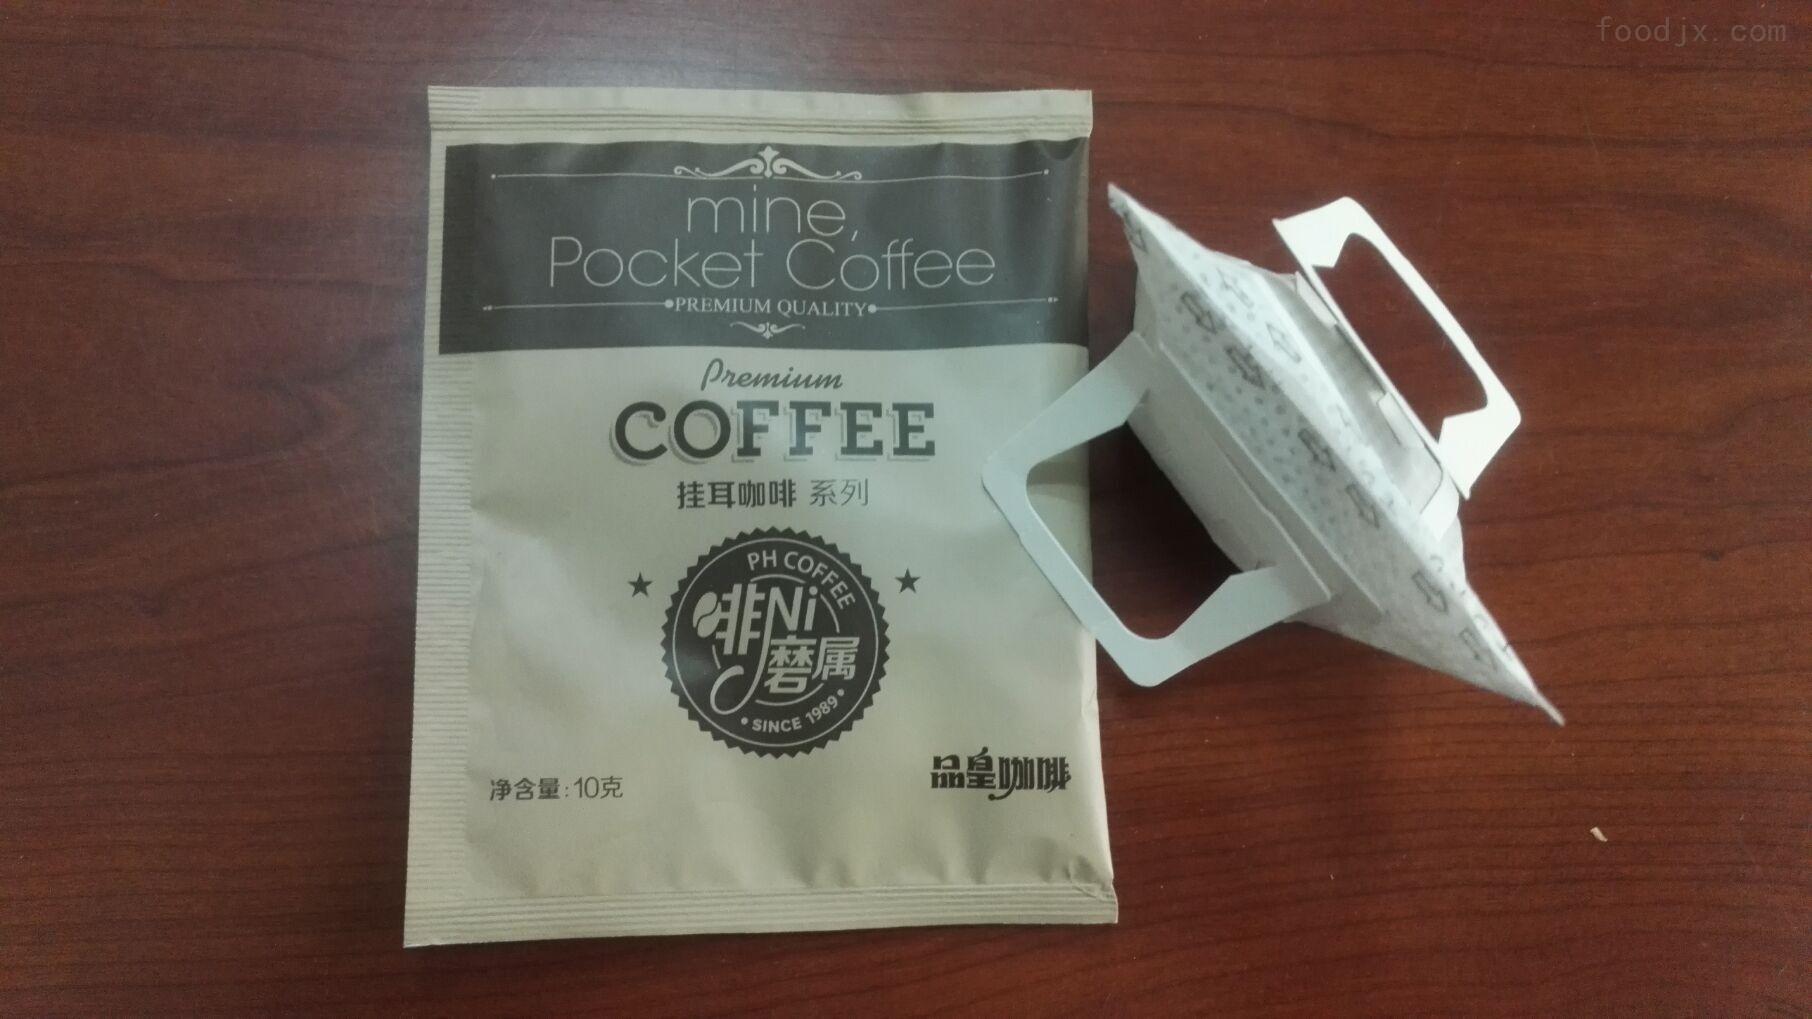 挂耳速溶咖啡滴滤纯黑咖啡无糖咖啡粉包装机